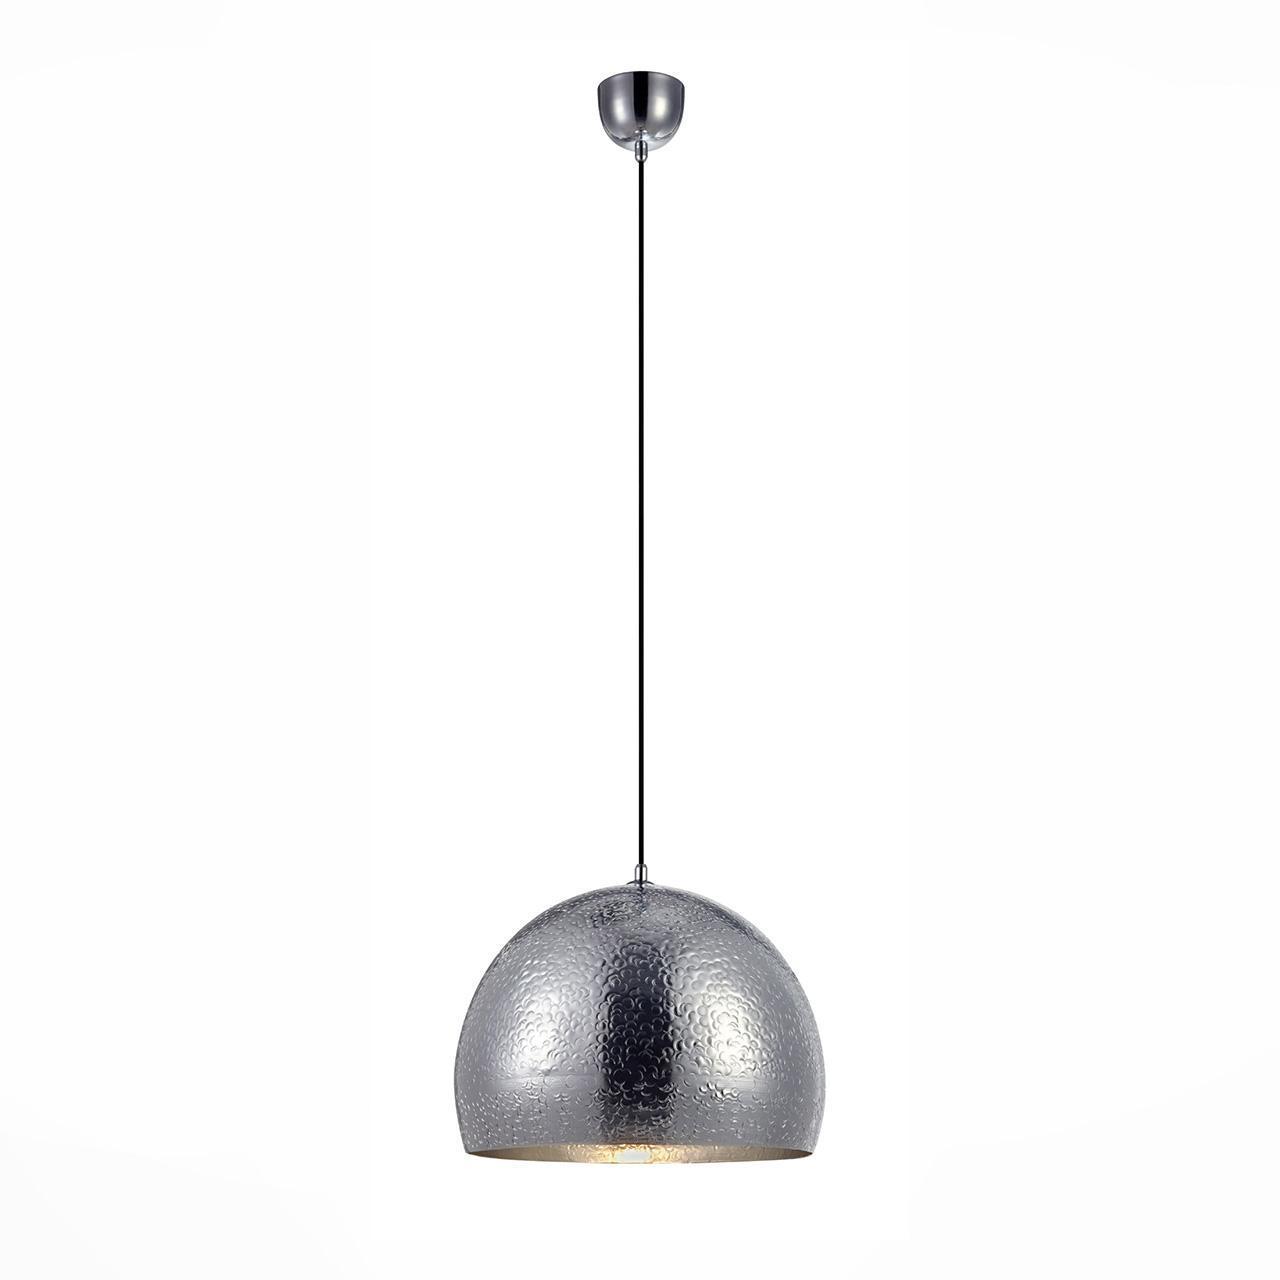 Фото #1: Подвесной светильник Rodeo серебристого цвета